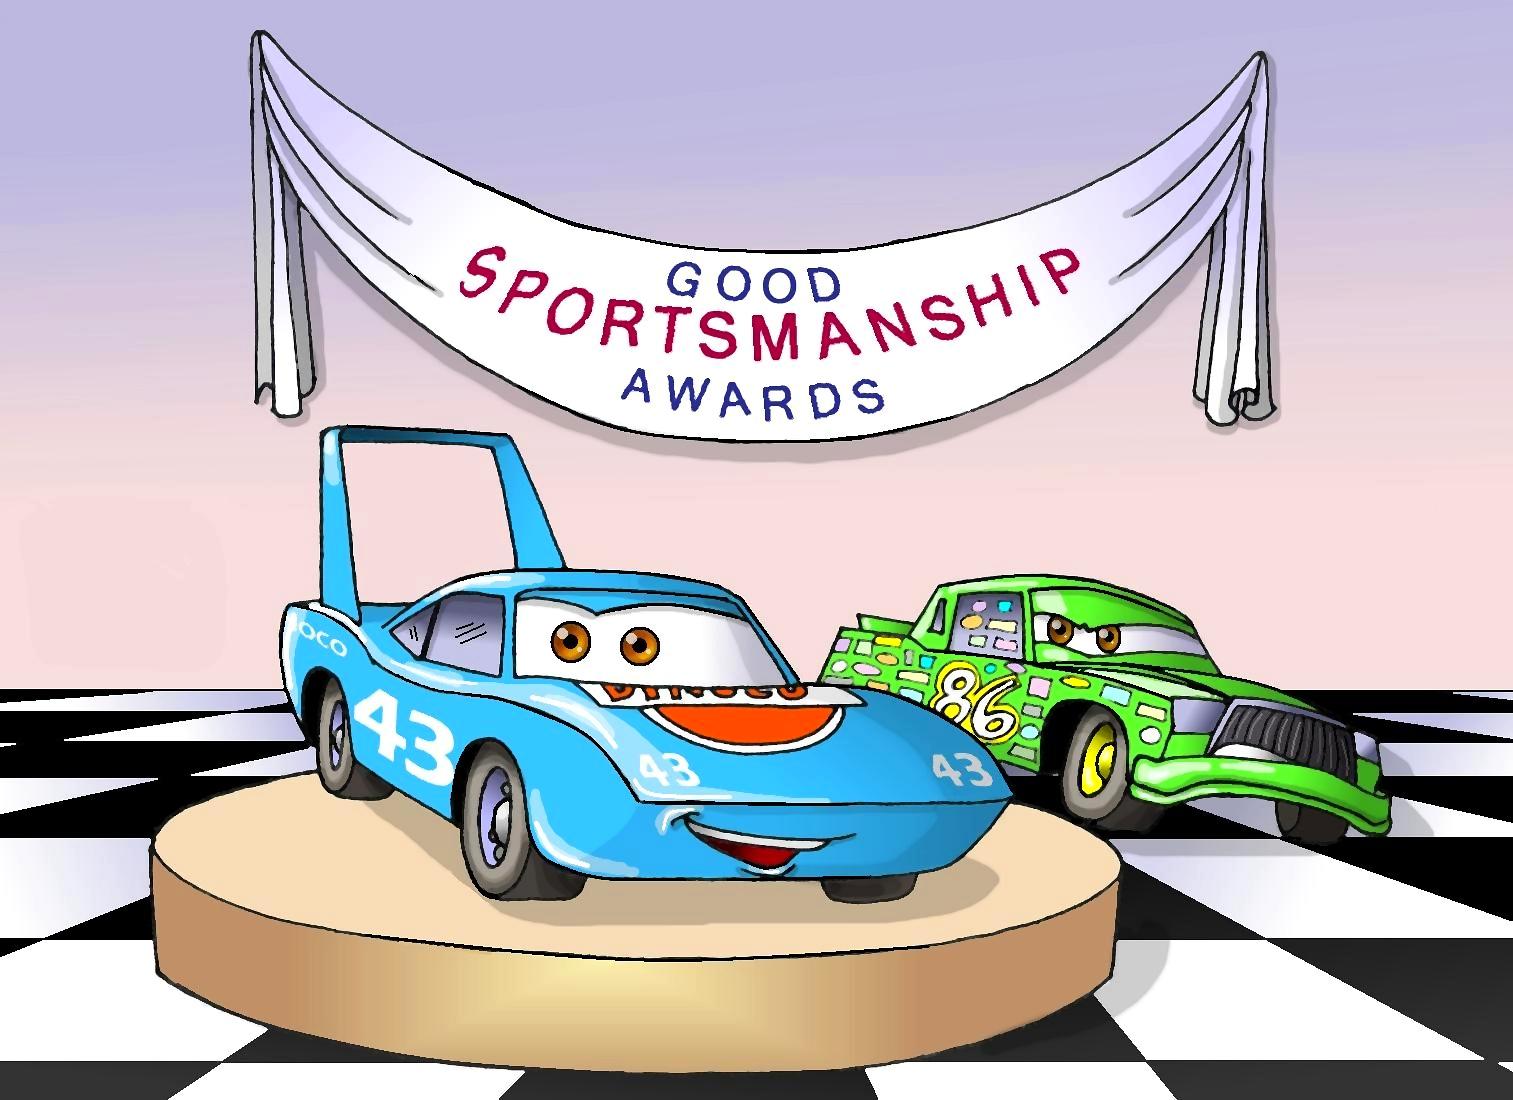 Good Sport, Bad Sport by Nevuela